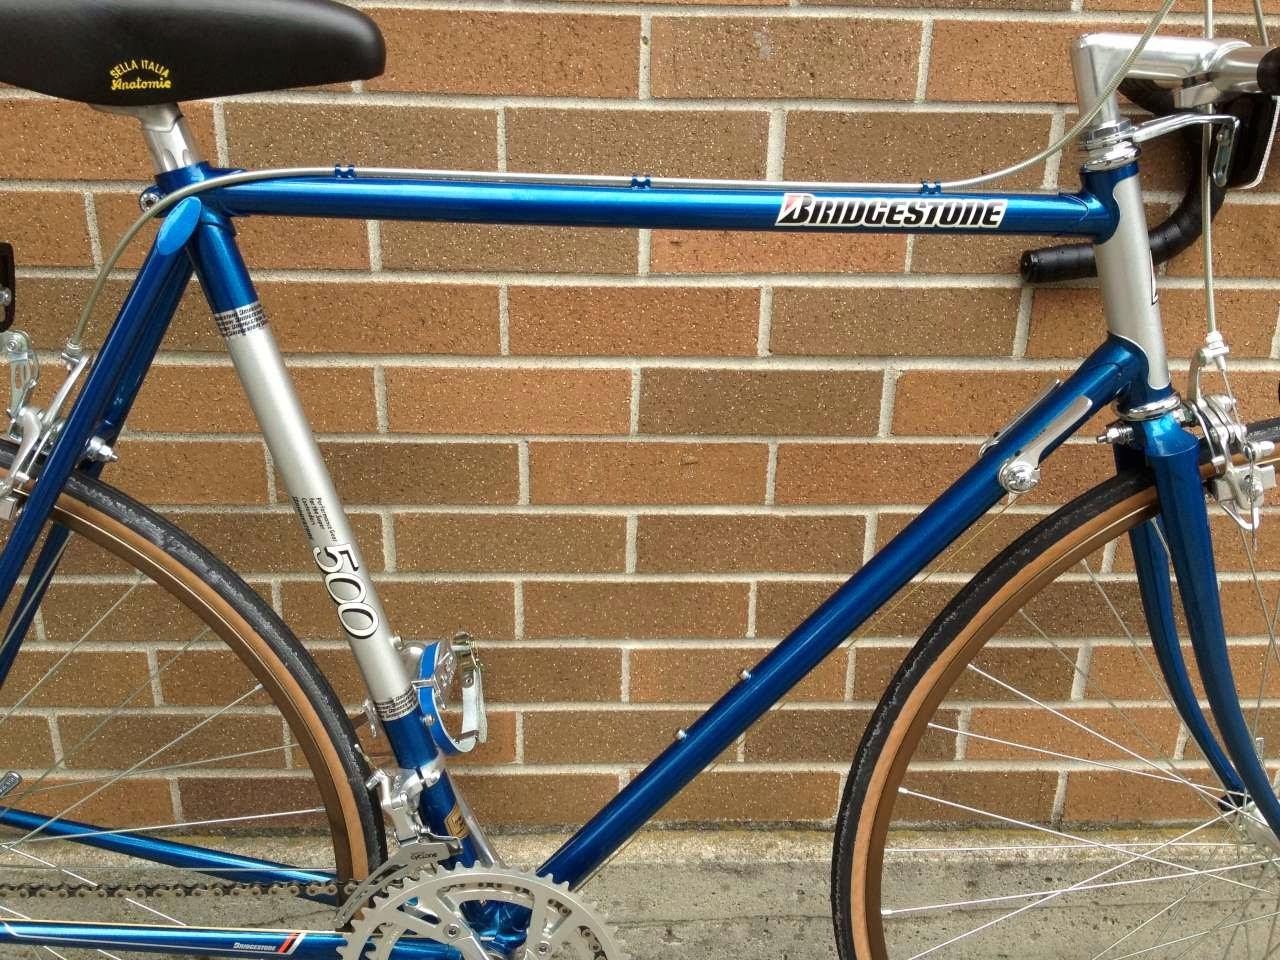 Bike Boom Refurbished Bikes 1985 Bridgestone 500 Road Bike